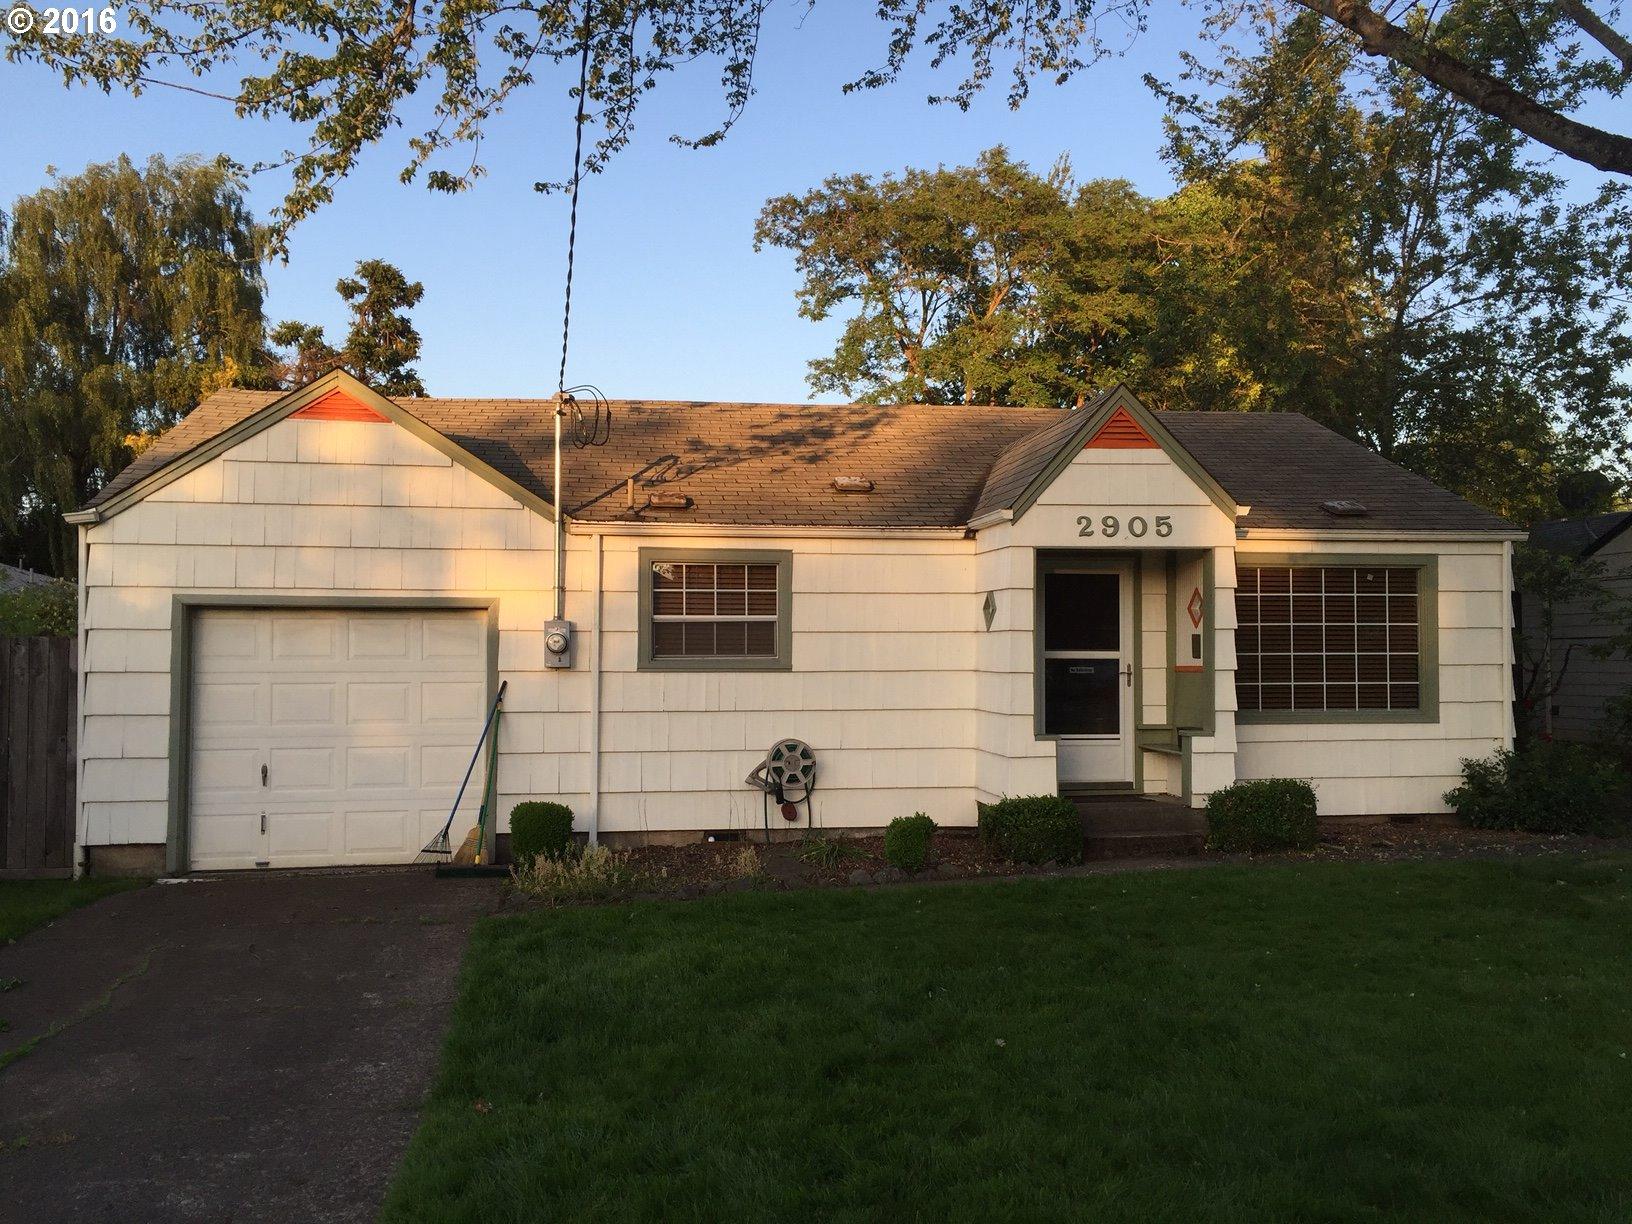 2905 MILL ST, Eugene OR 97405